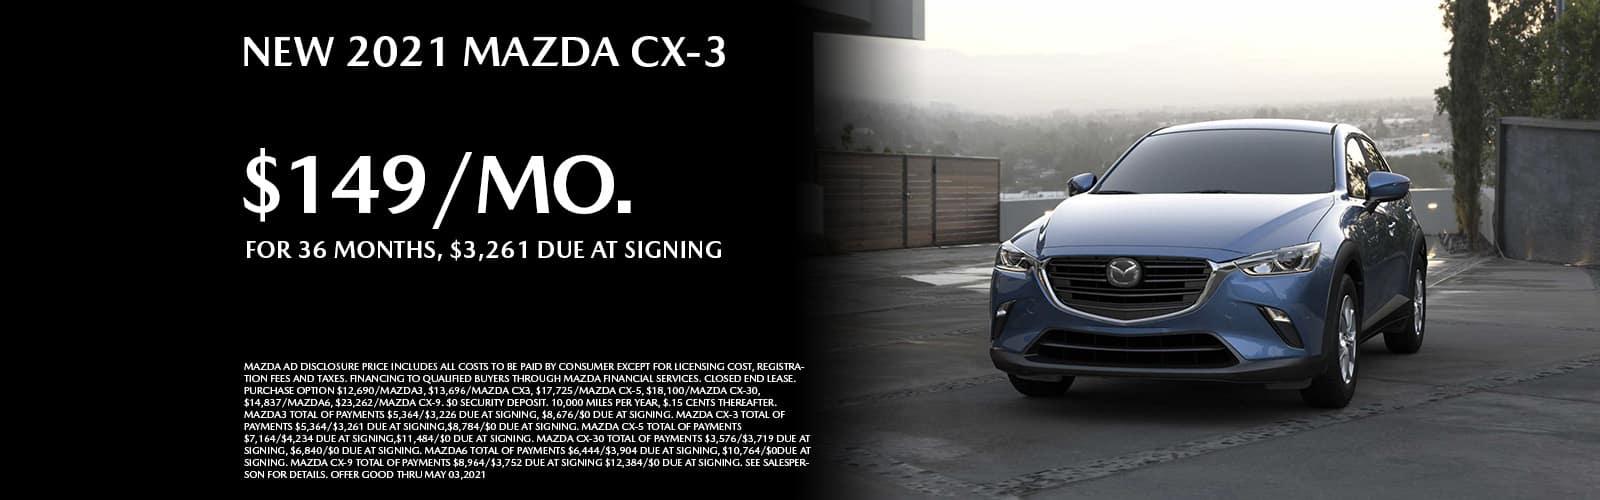 YoungMazda_Sliders_Mazda3 copy